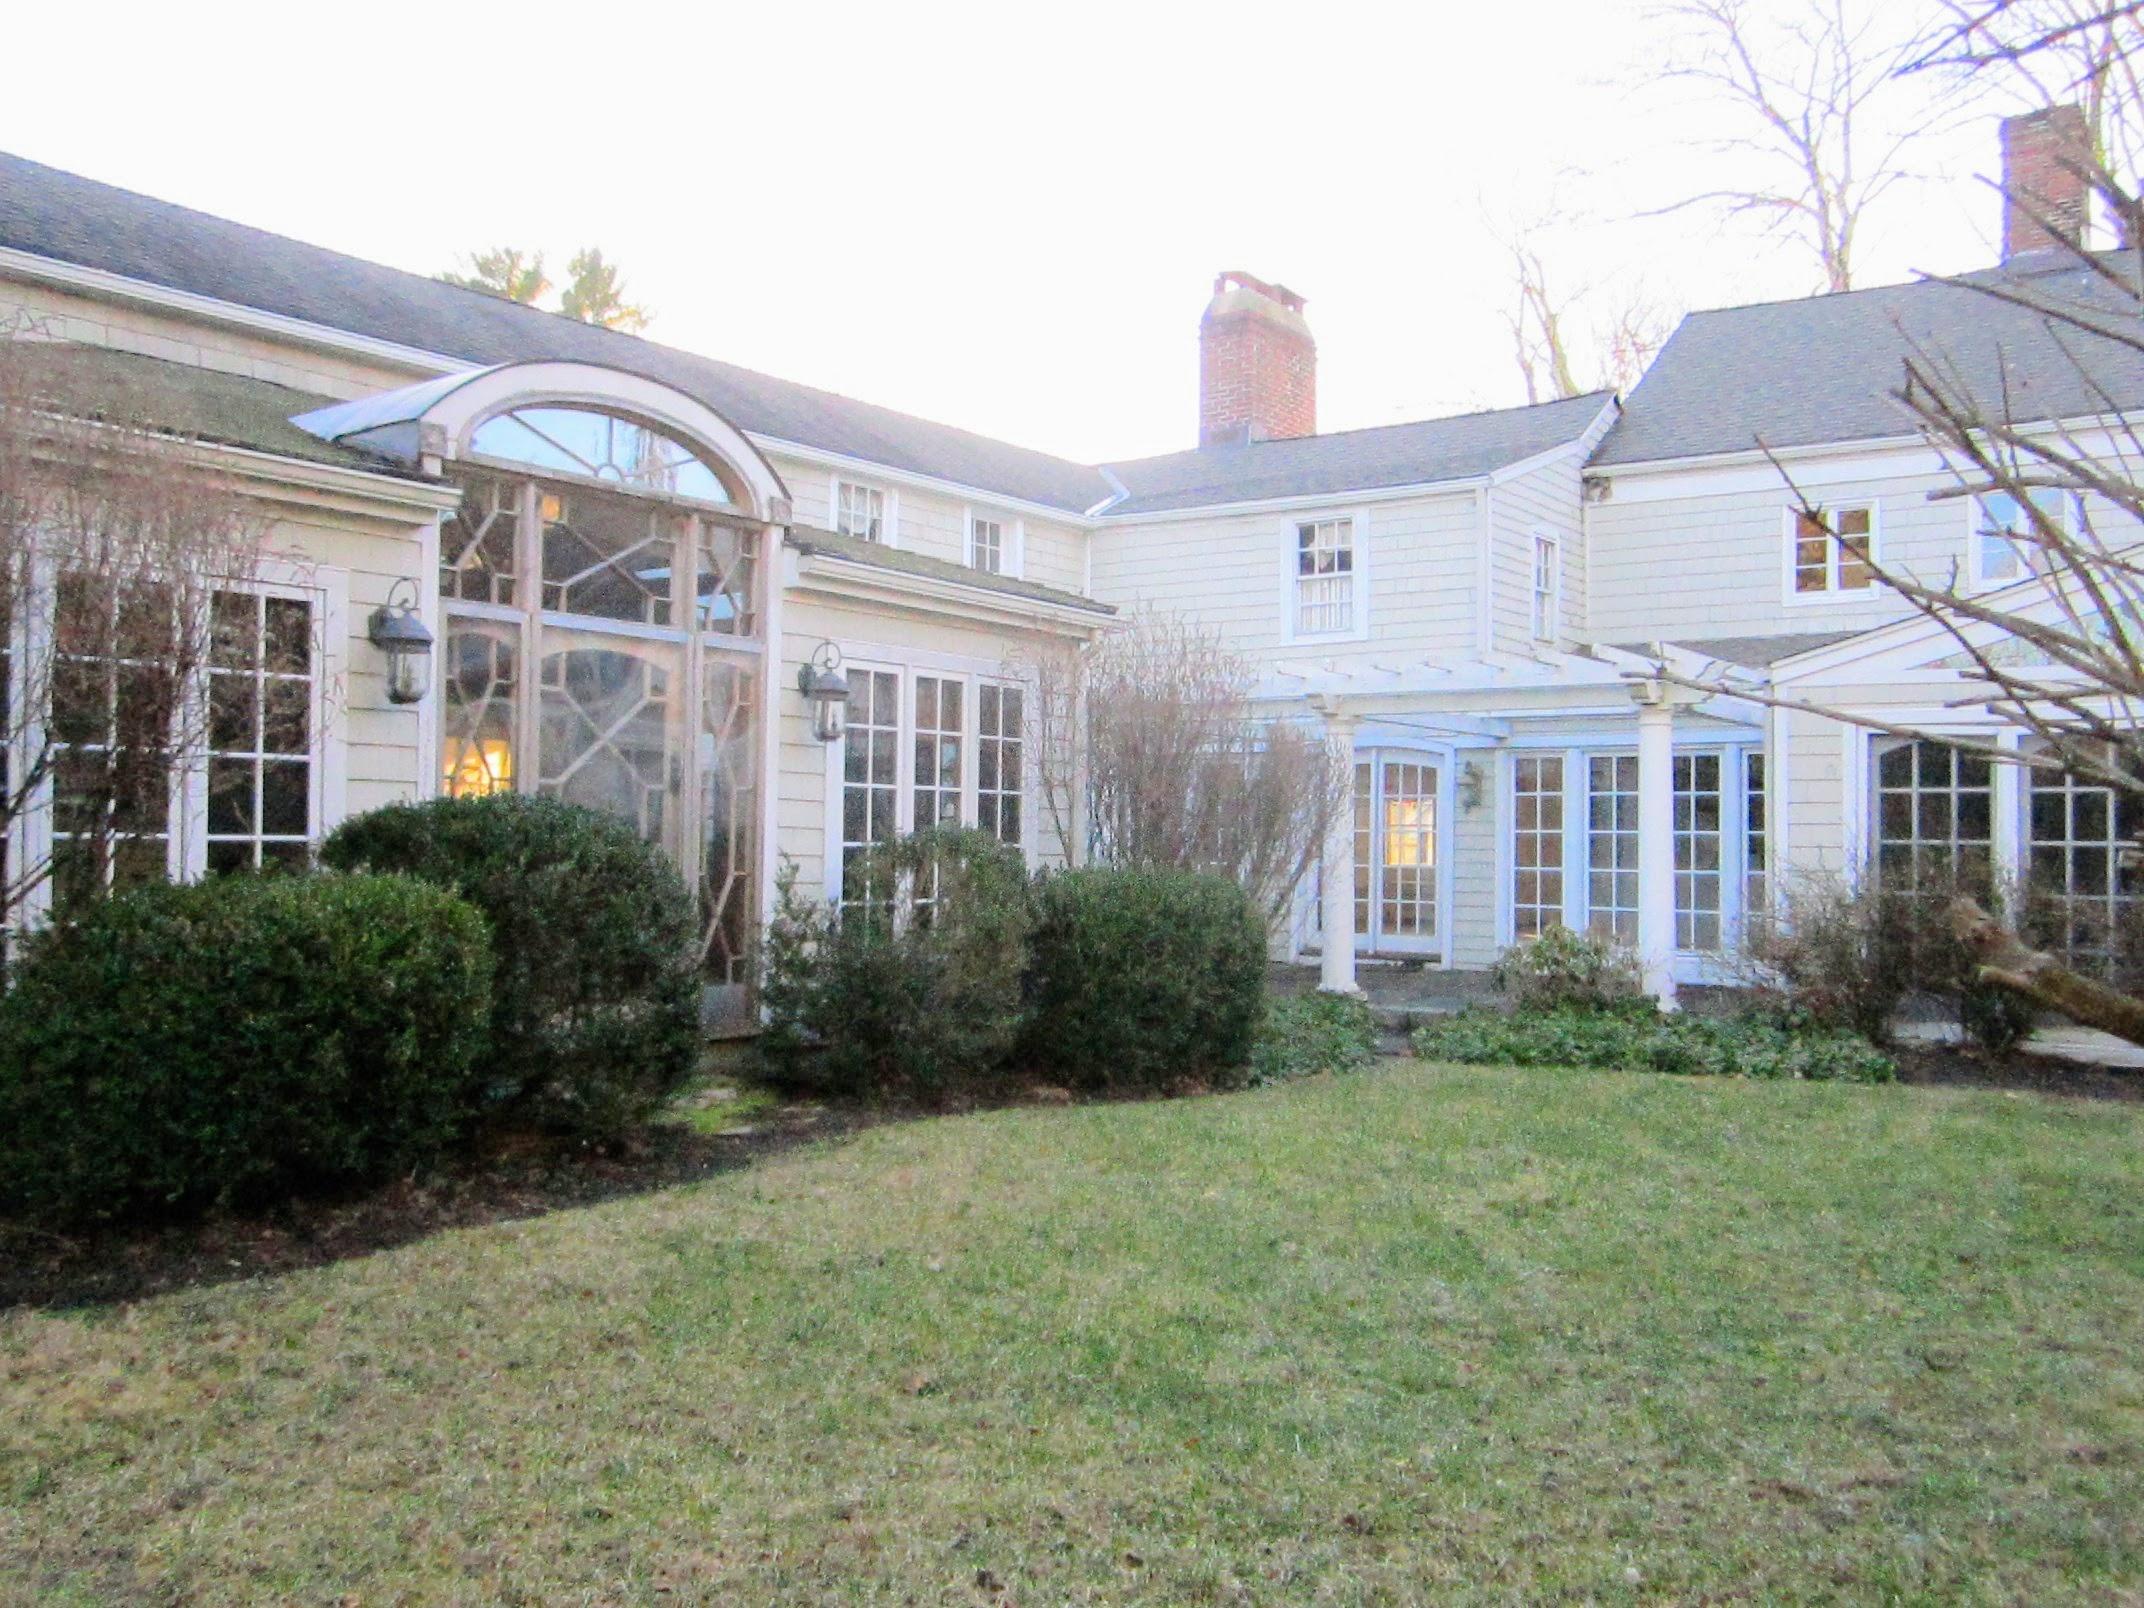 단독 가정 주택 용 매매 에 The Northrup-Scott Homestead 1090 Ridgefield Road Wilton, 코네티컷, 06897 미국